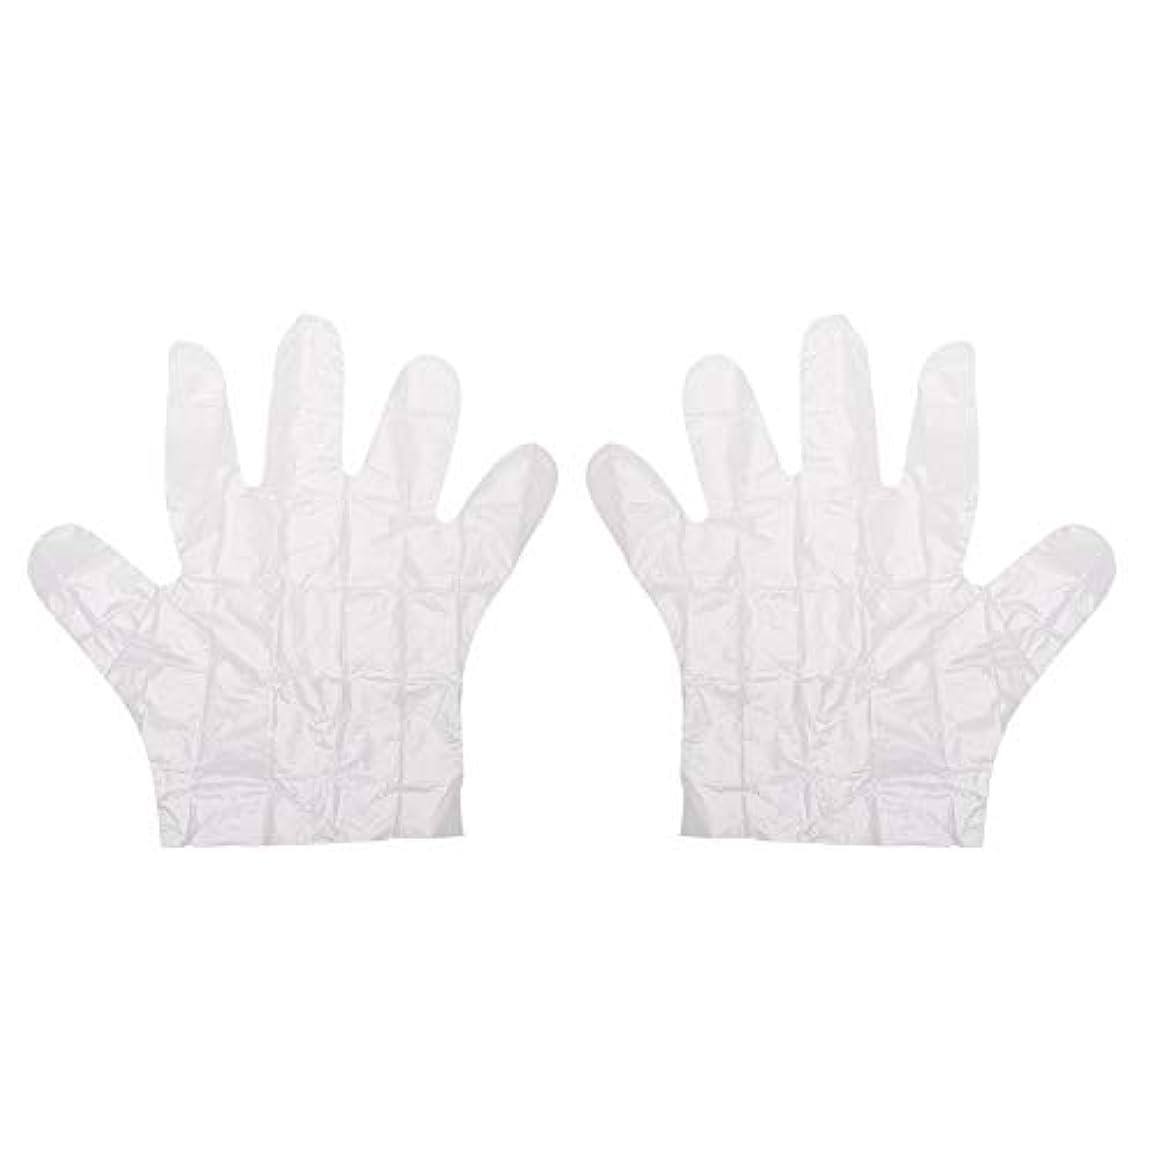 ブラジャー遠洋のゴージャスWISTOMJP 200枚 子供用手袋使い捨て 使い捨て手袋 キッズ専用透明 手袋